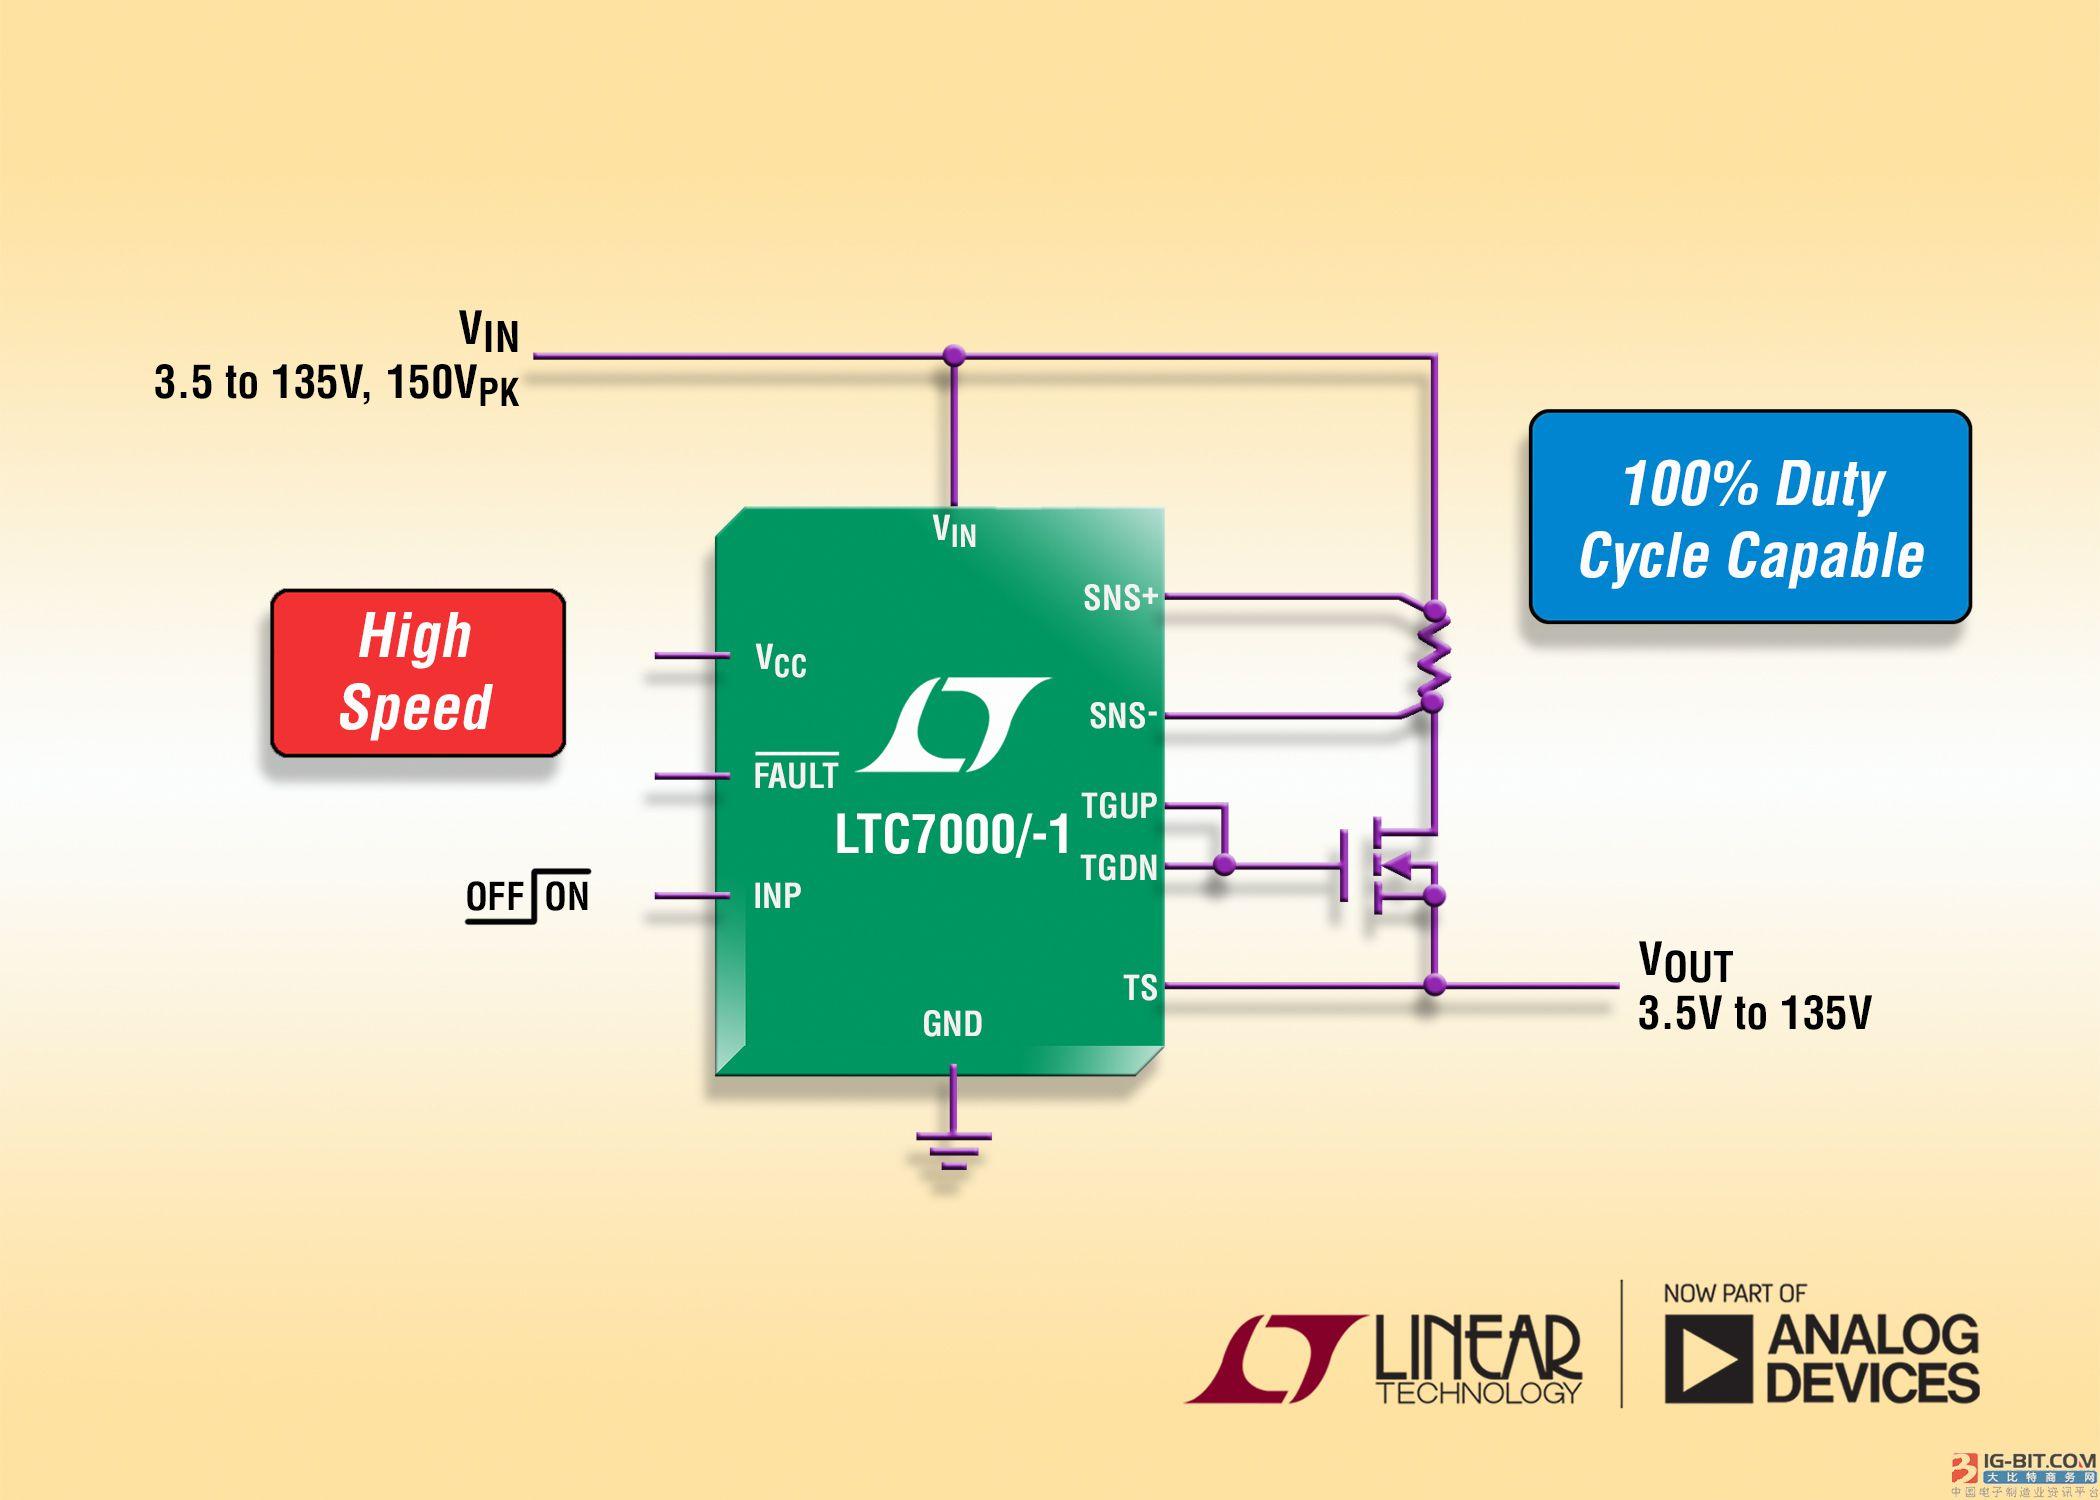 150V 快速高压侧受保护的 N 沟道 MOSFET 驱动器提供 100% 占空比能力